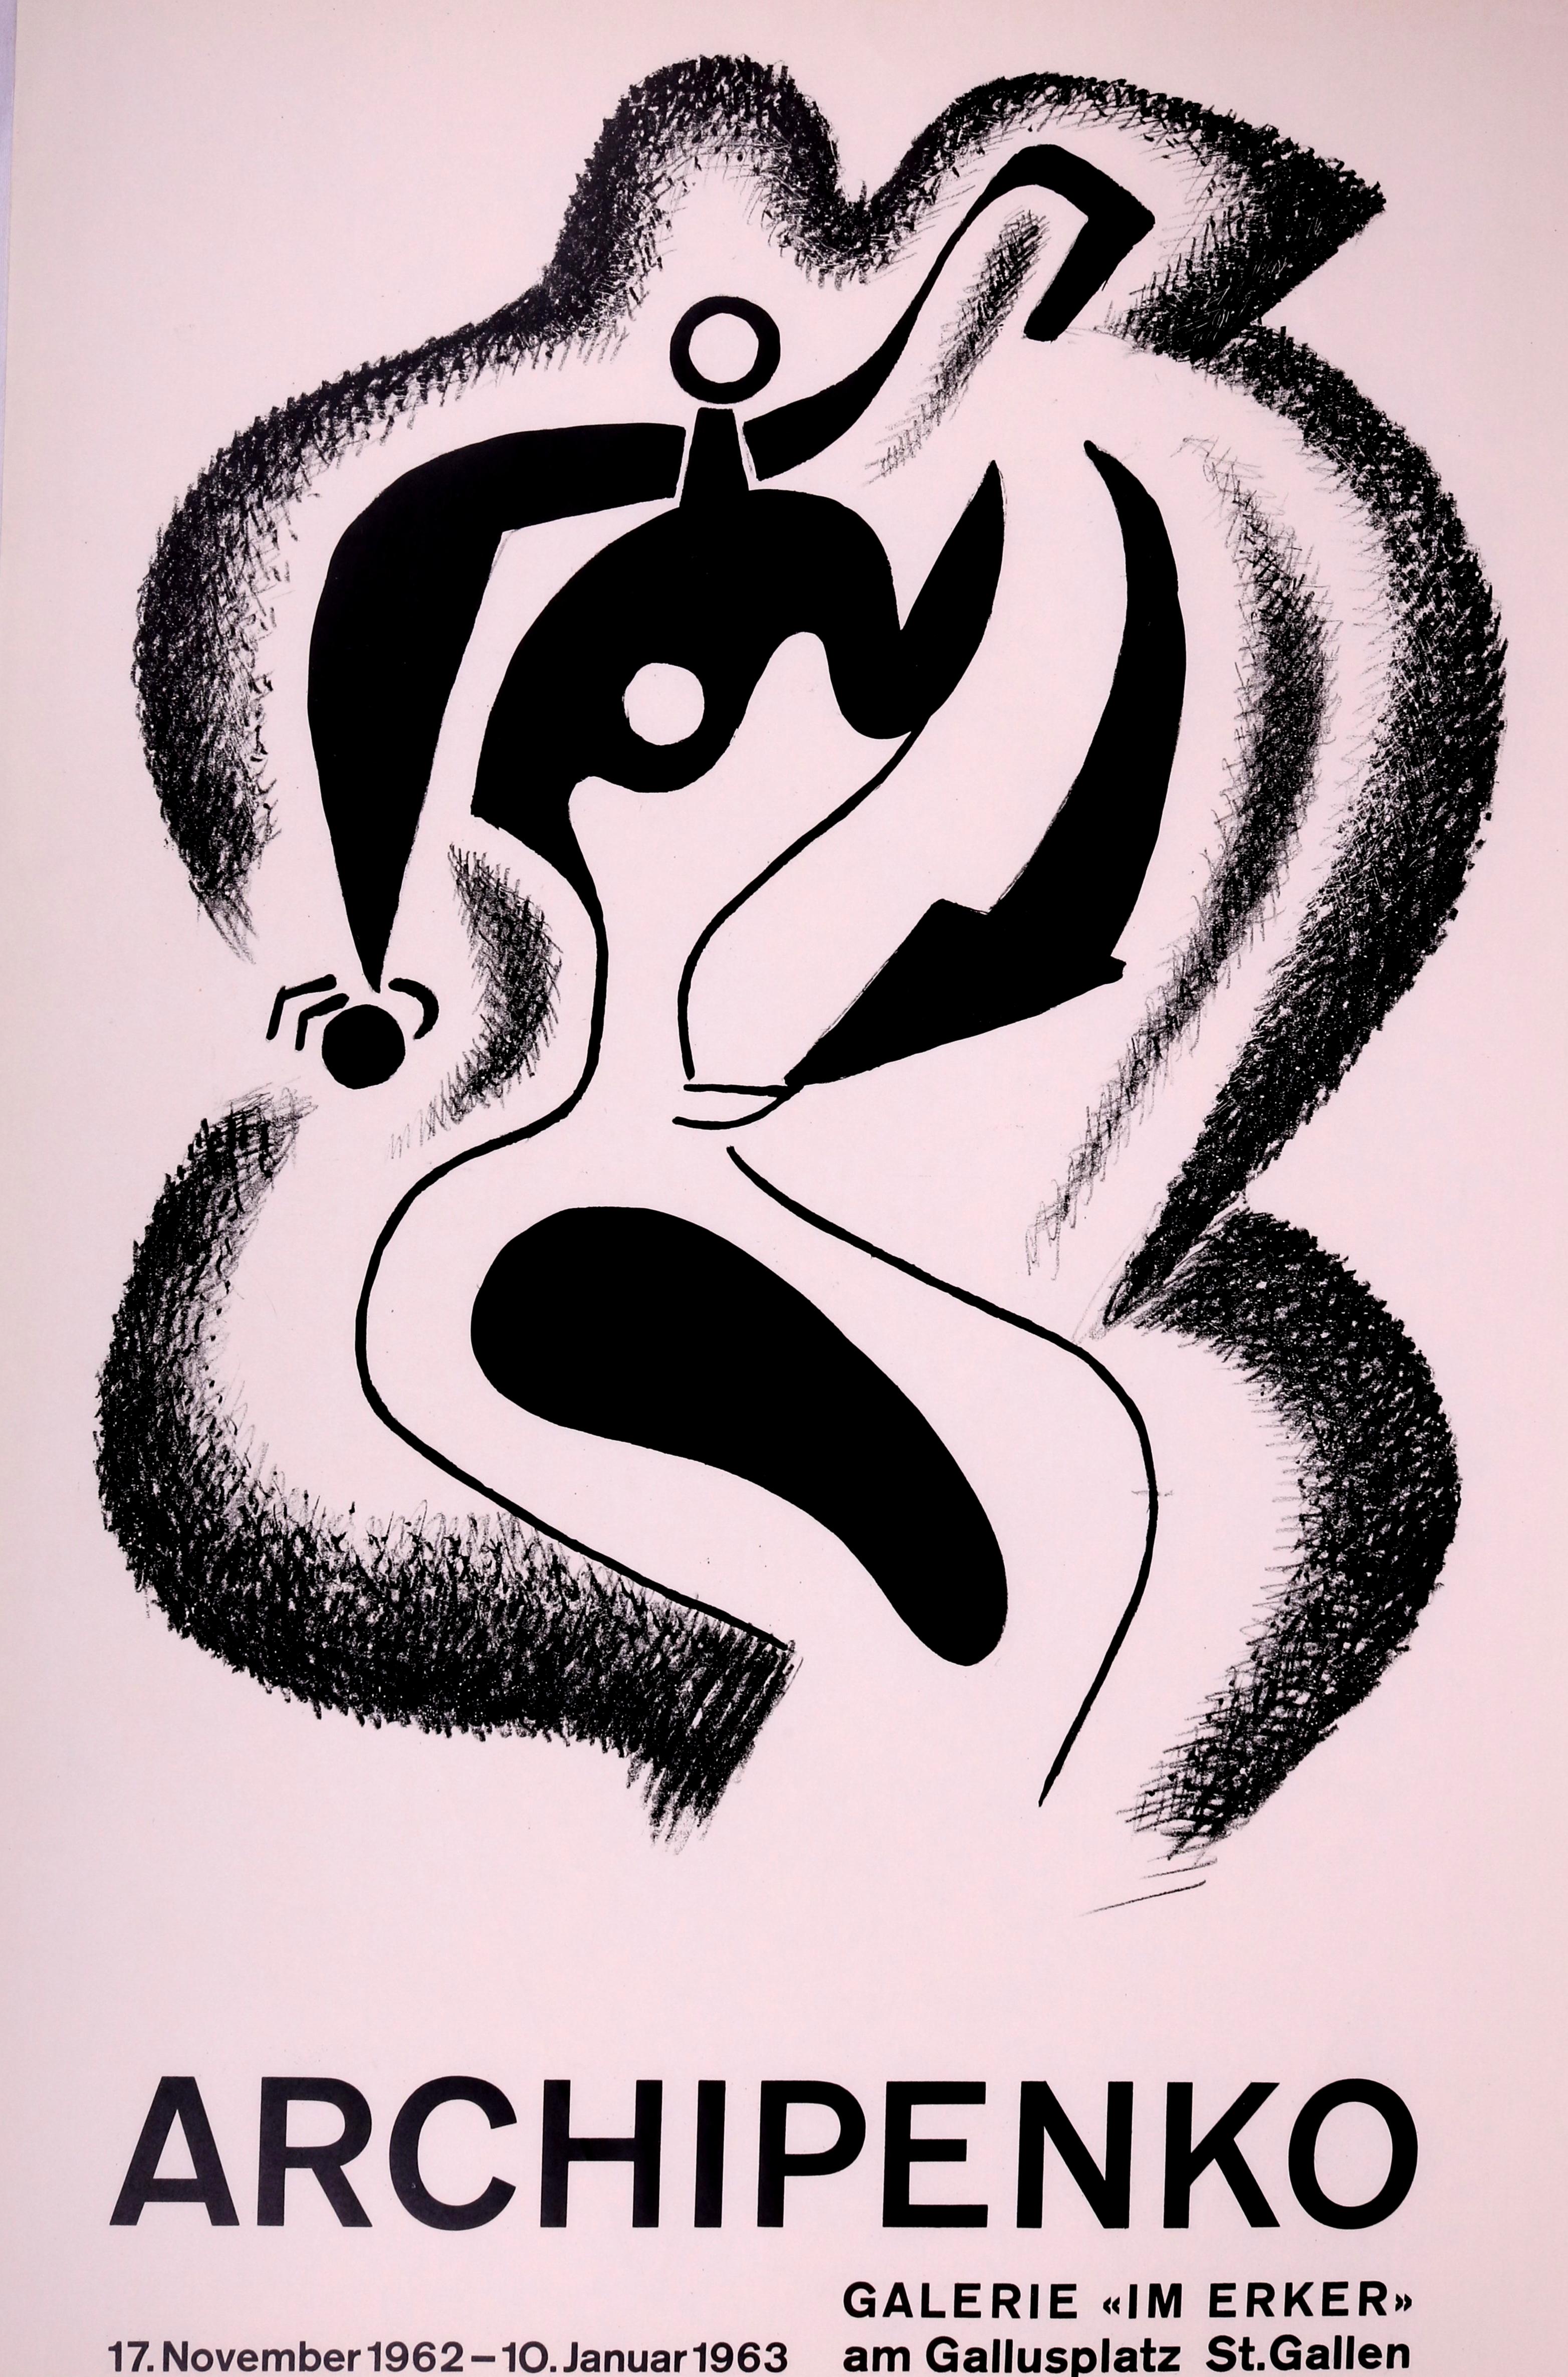 Cartel Para La Exposición De La Galería Erker De Alexander Archipenko (1962)